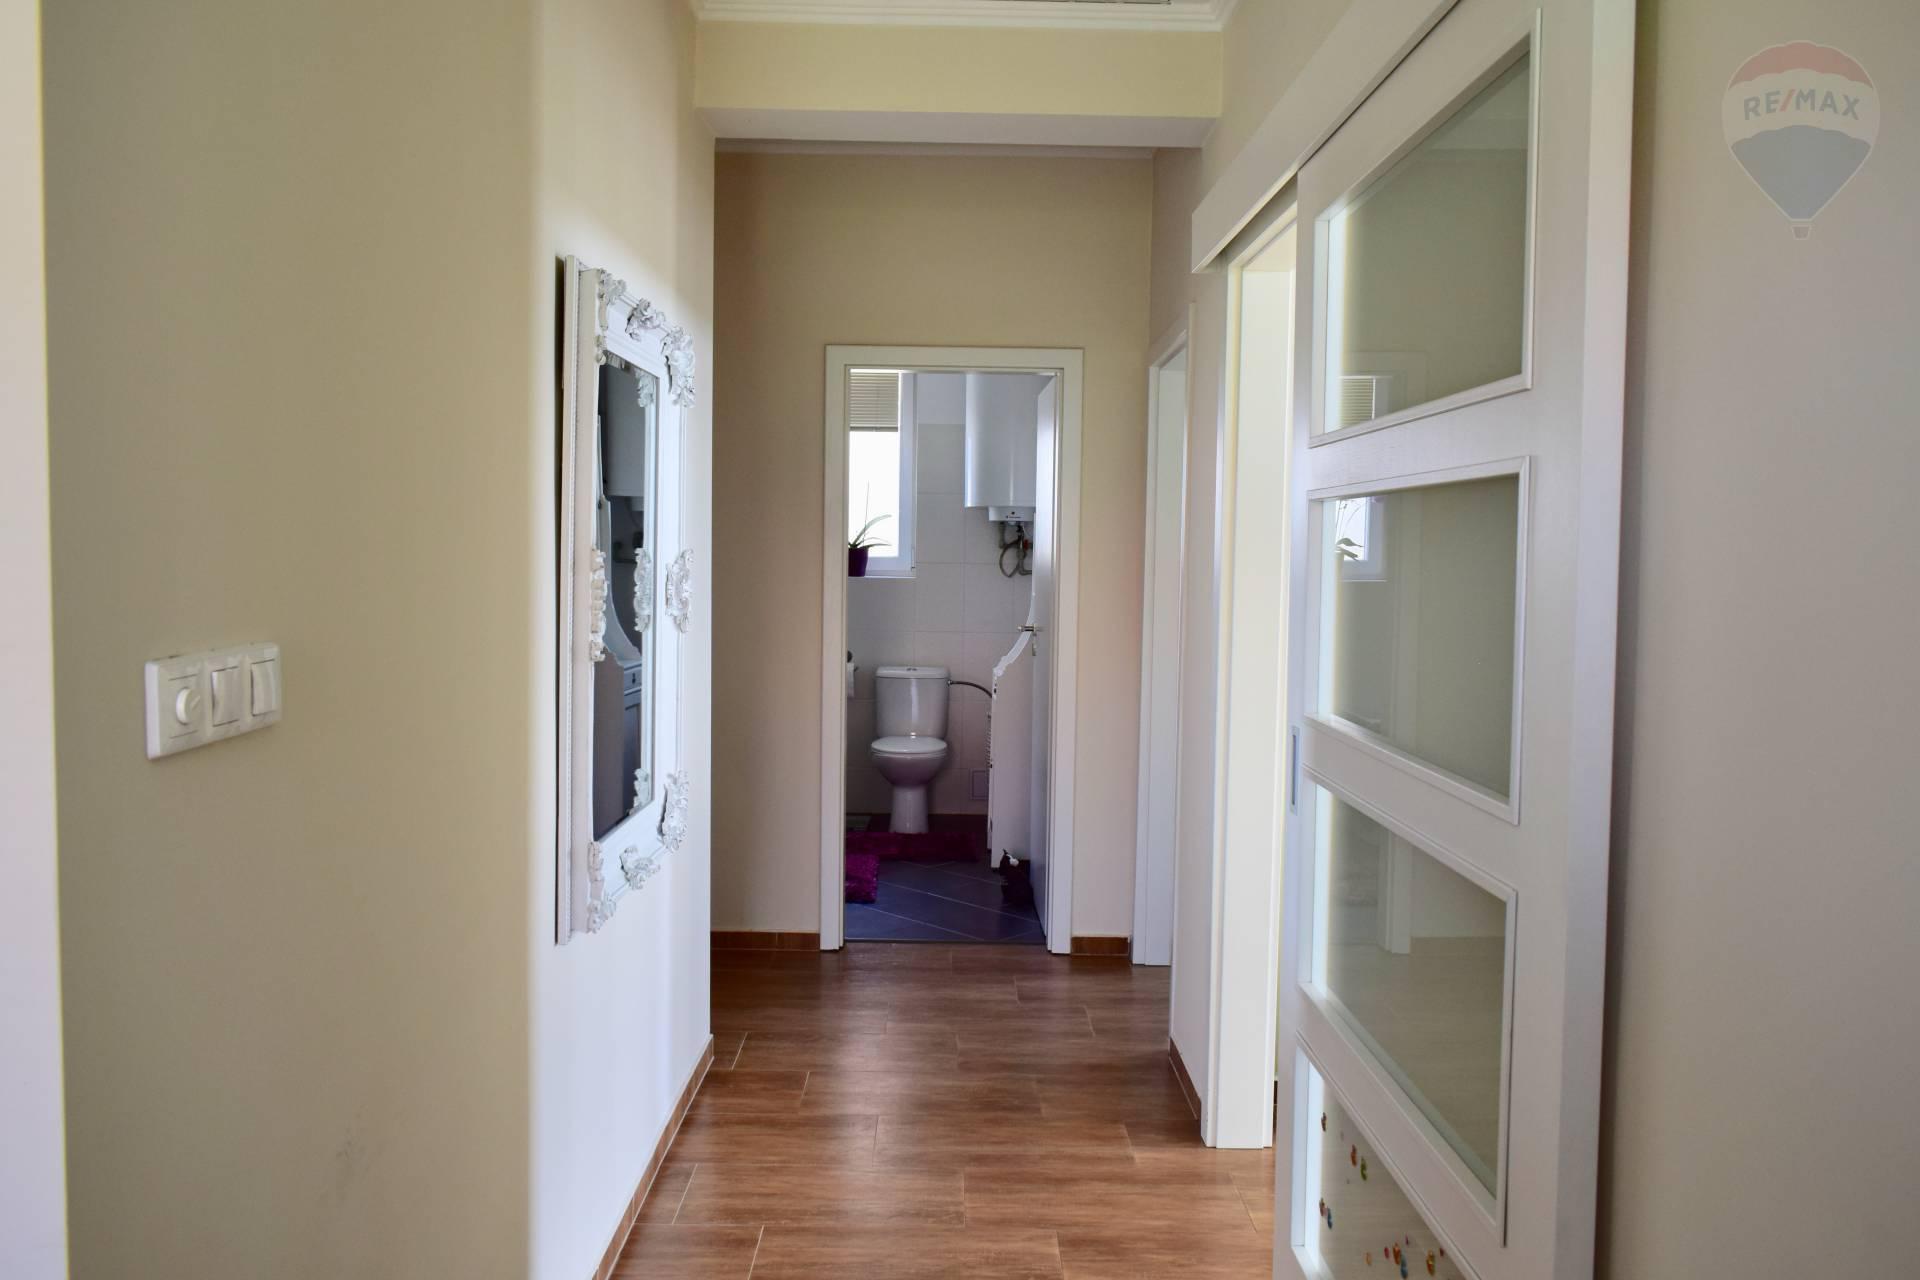 Predaj domu 135 m2, Blatná na Ostrove - Rodinný dom Blatná na Ostrove